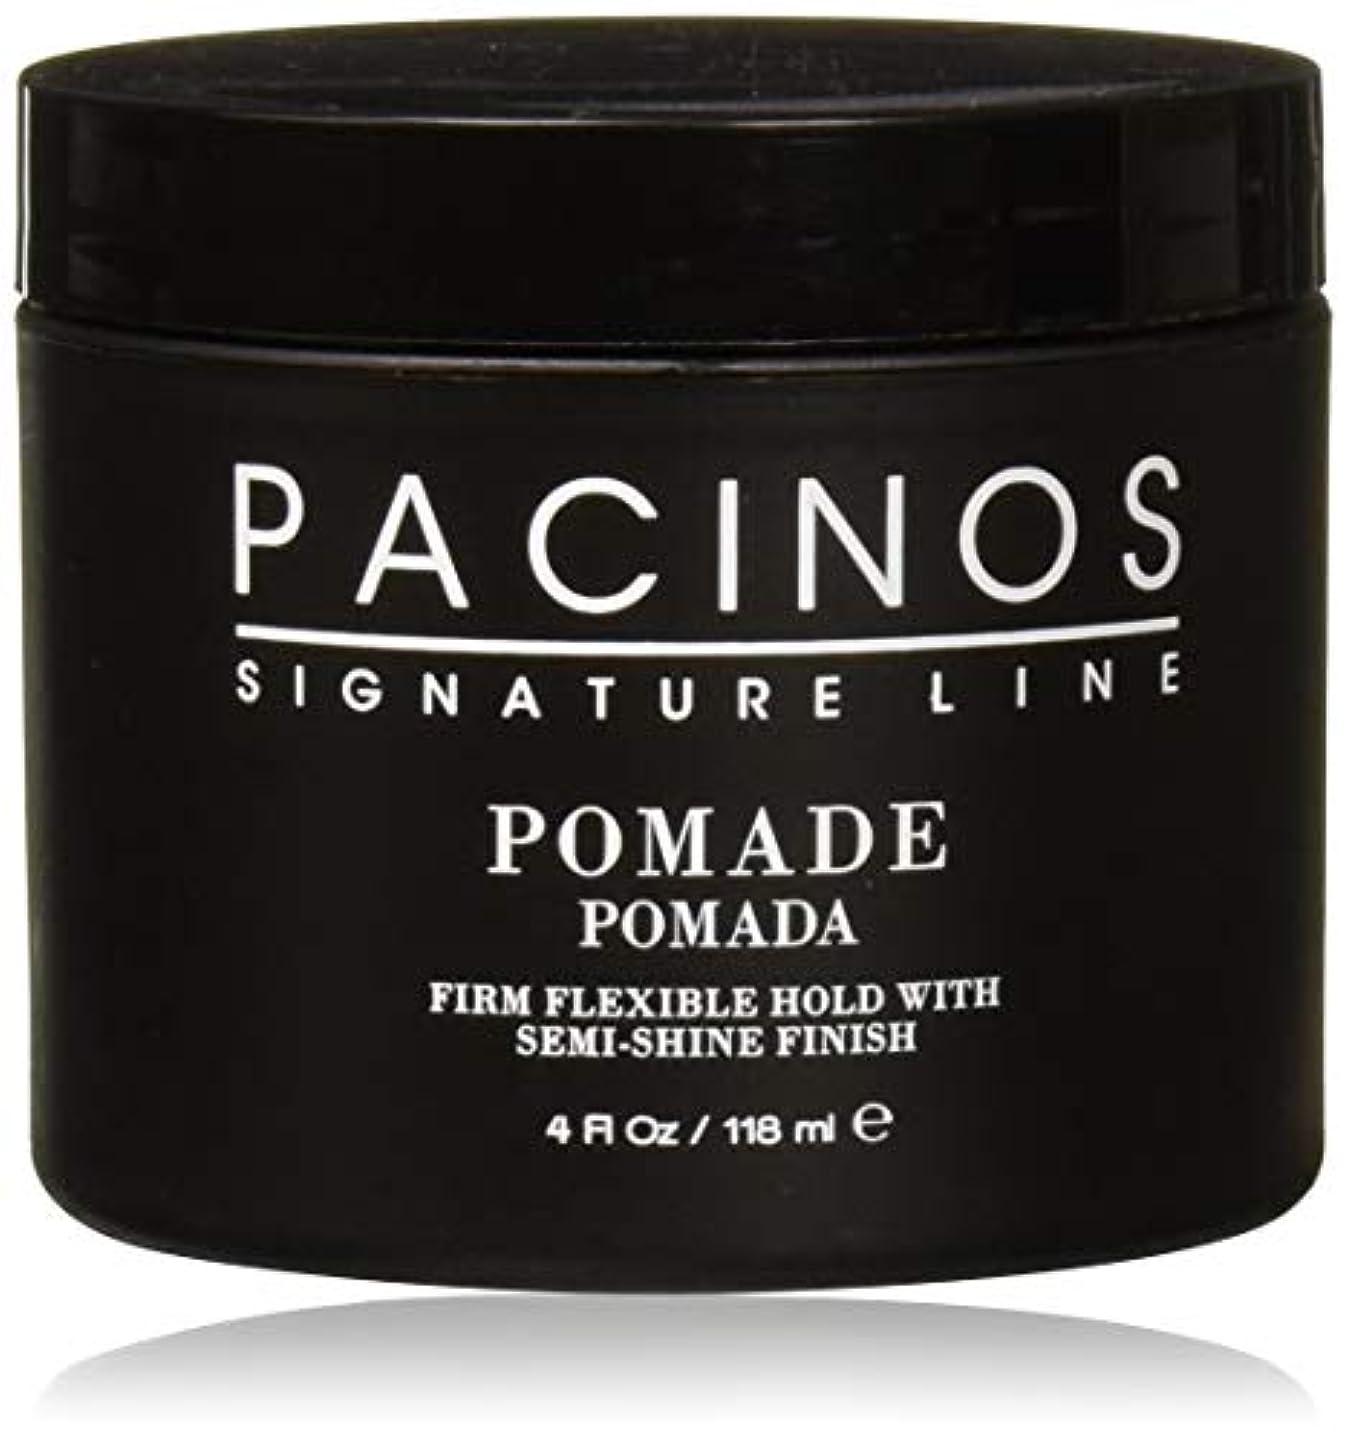 一般的な論争知らせるPacinos Pomade パチーノス?ポマード【日本正規品】4oz(118g)